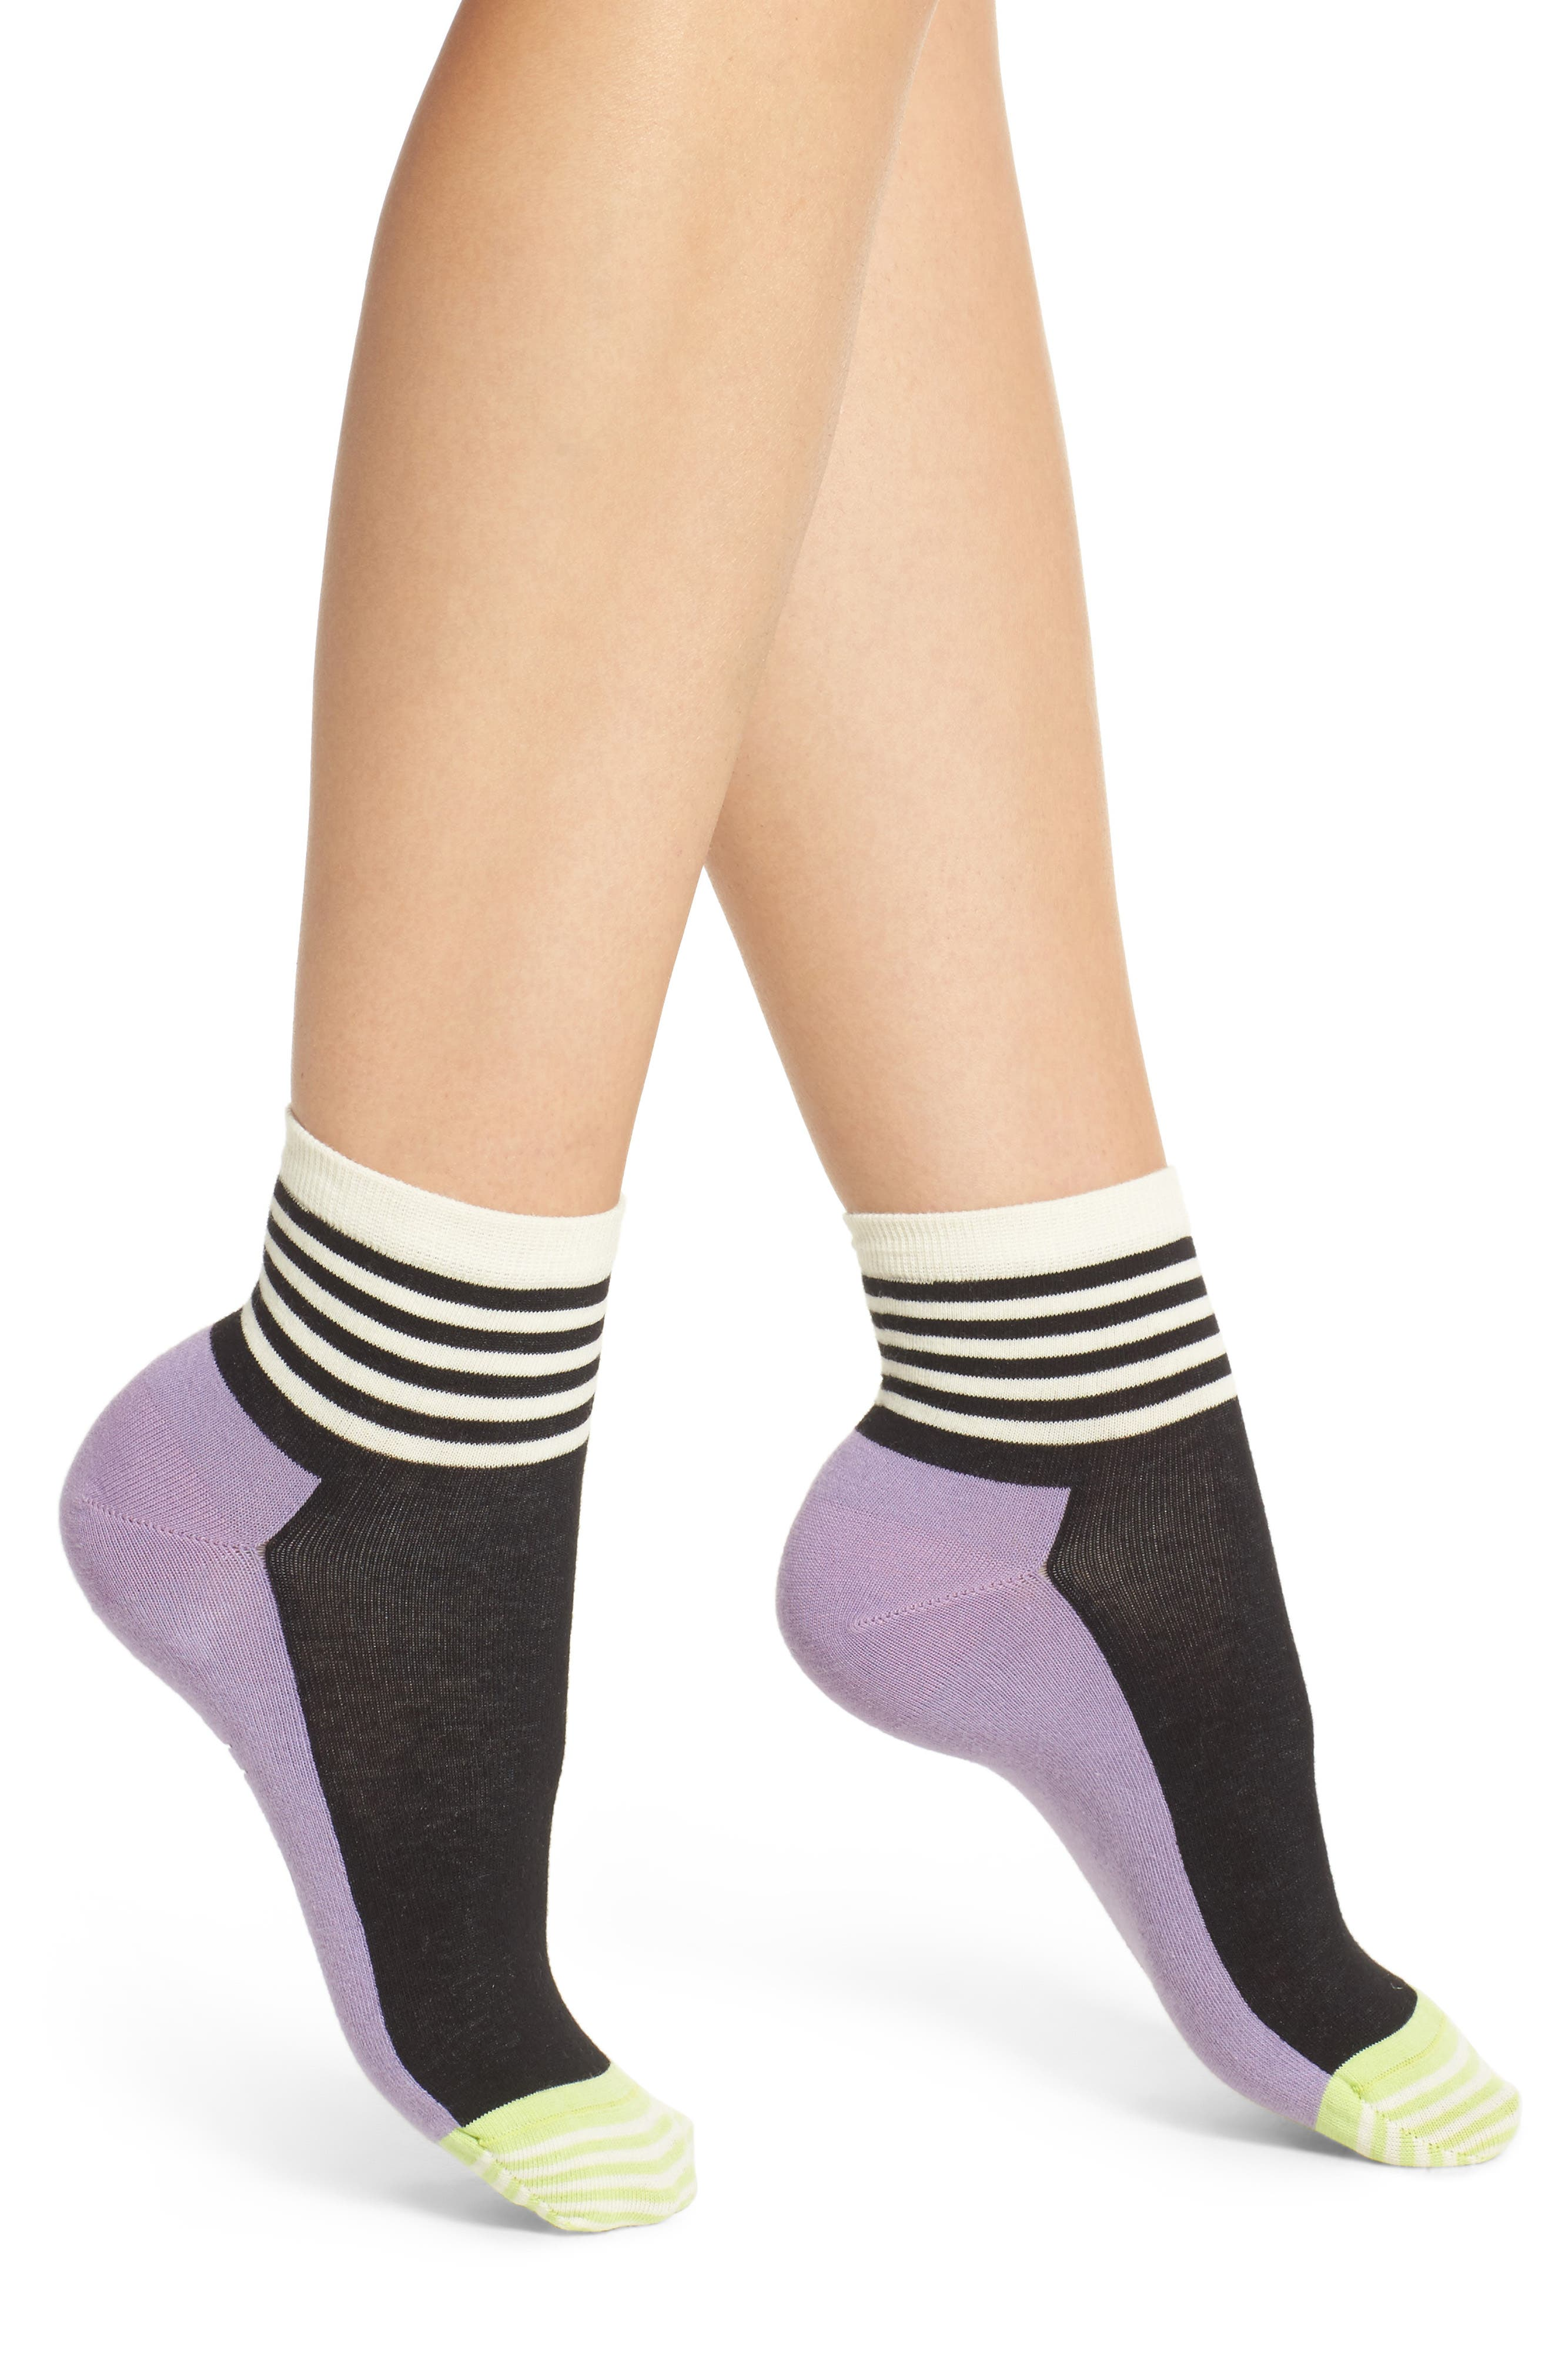 Happy Socks Stripe Colorblock Anklet Socks